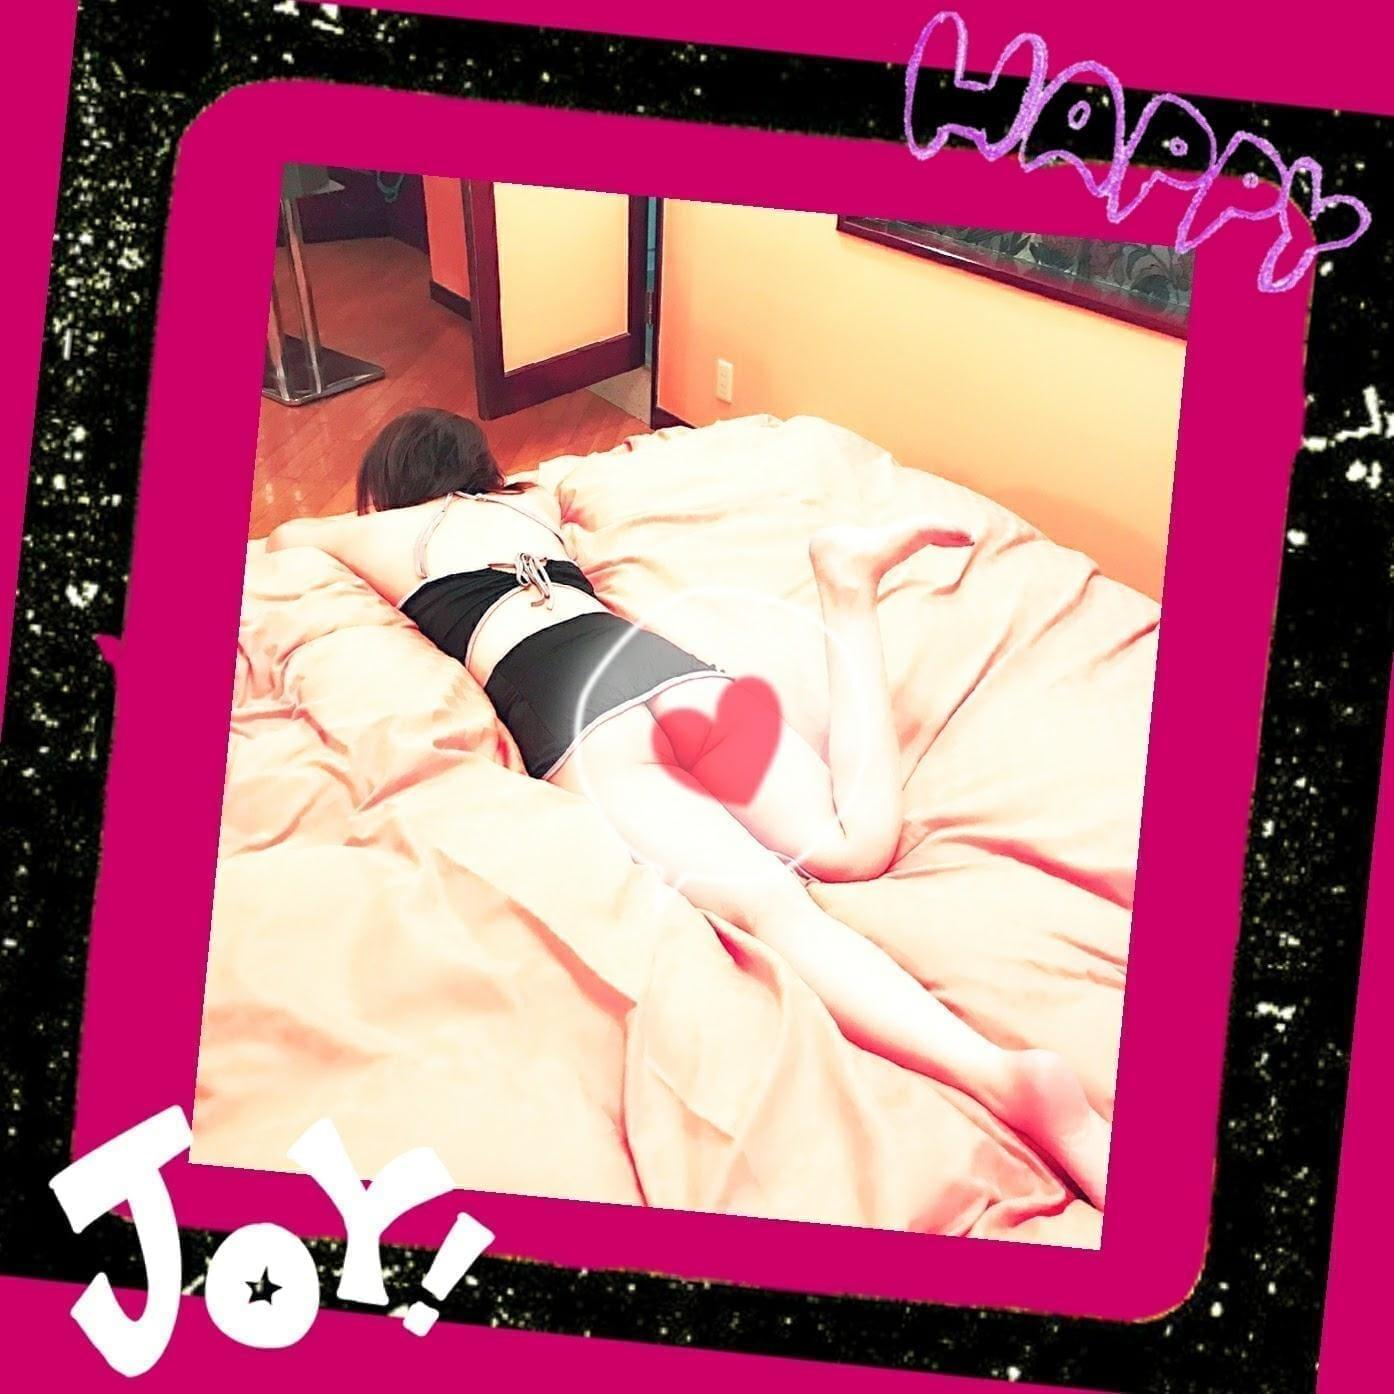 「こんにちは」05/20(05/20) 02:10 | ちえの写メ・風俗動画